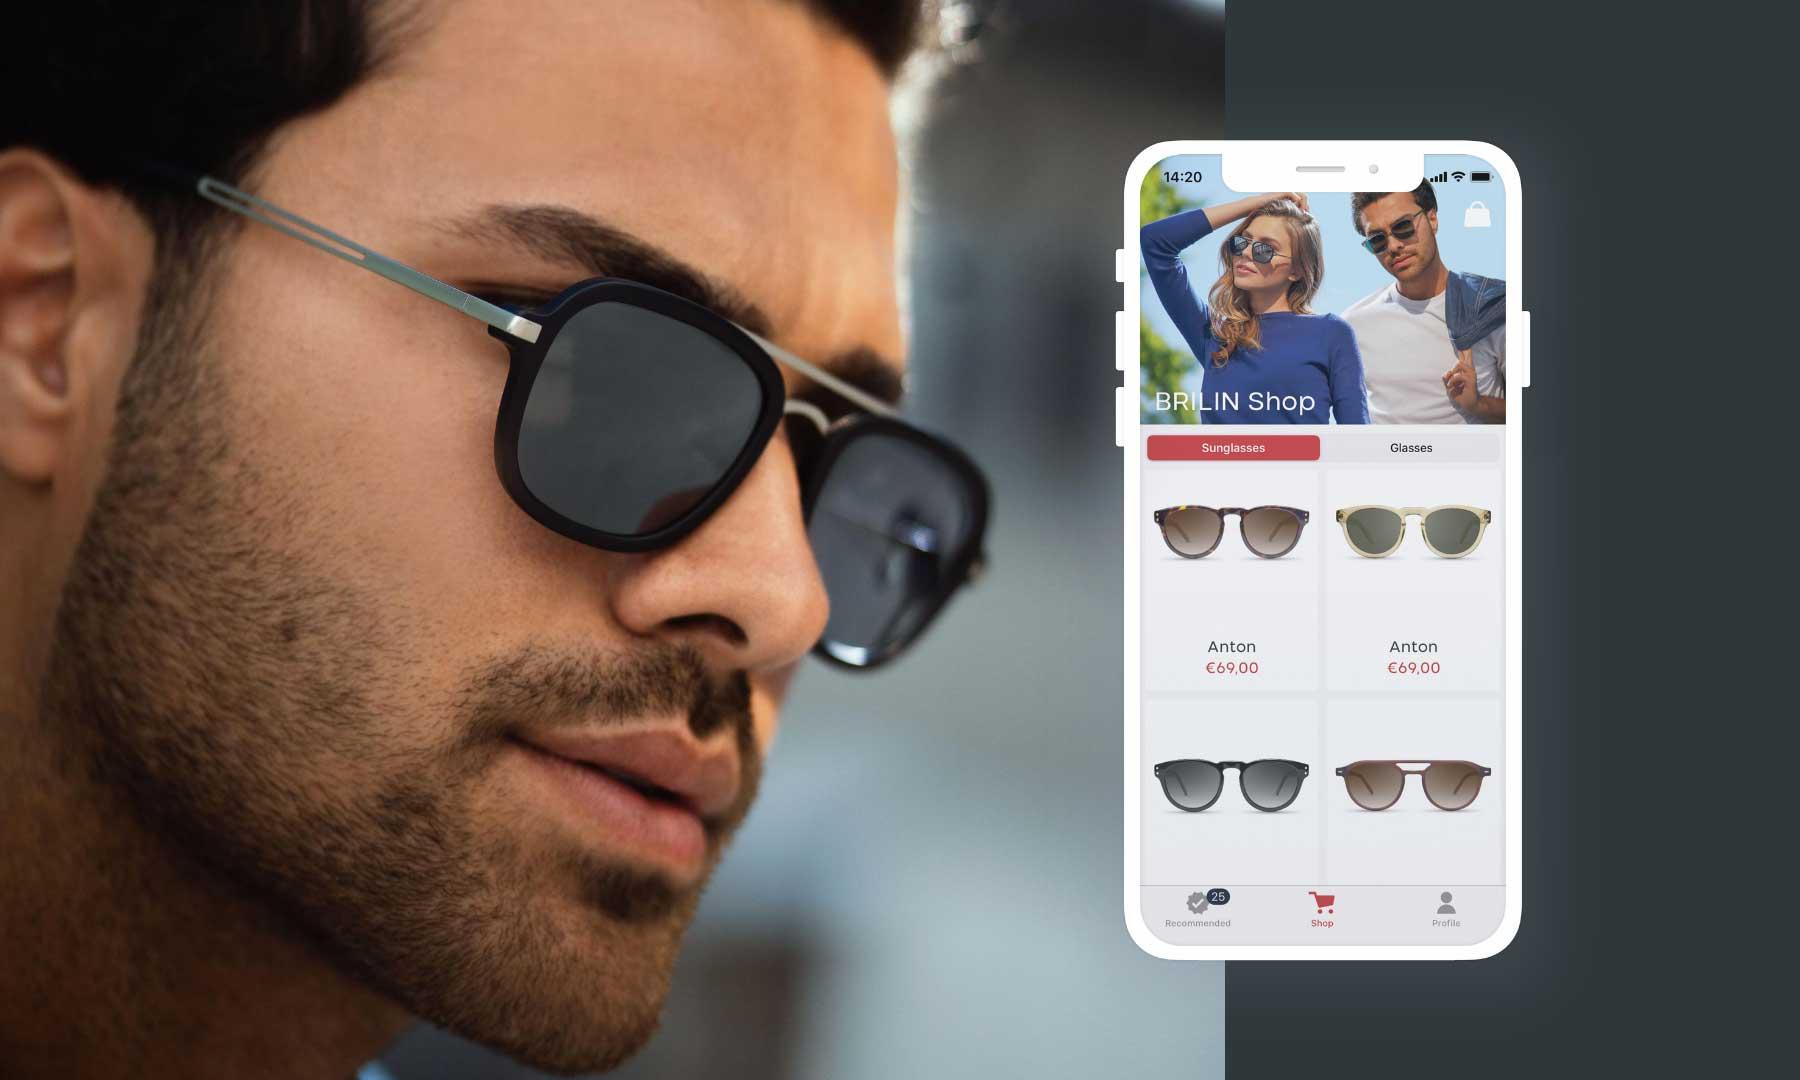 BRILIN lässt euch neue Brillen-Modelle per Instagram-Filter oder App anprobieren BRILIN-Brillenmodelle-virtuell-anprobieren_03